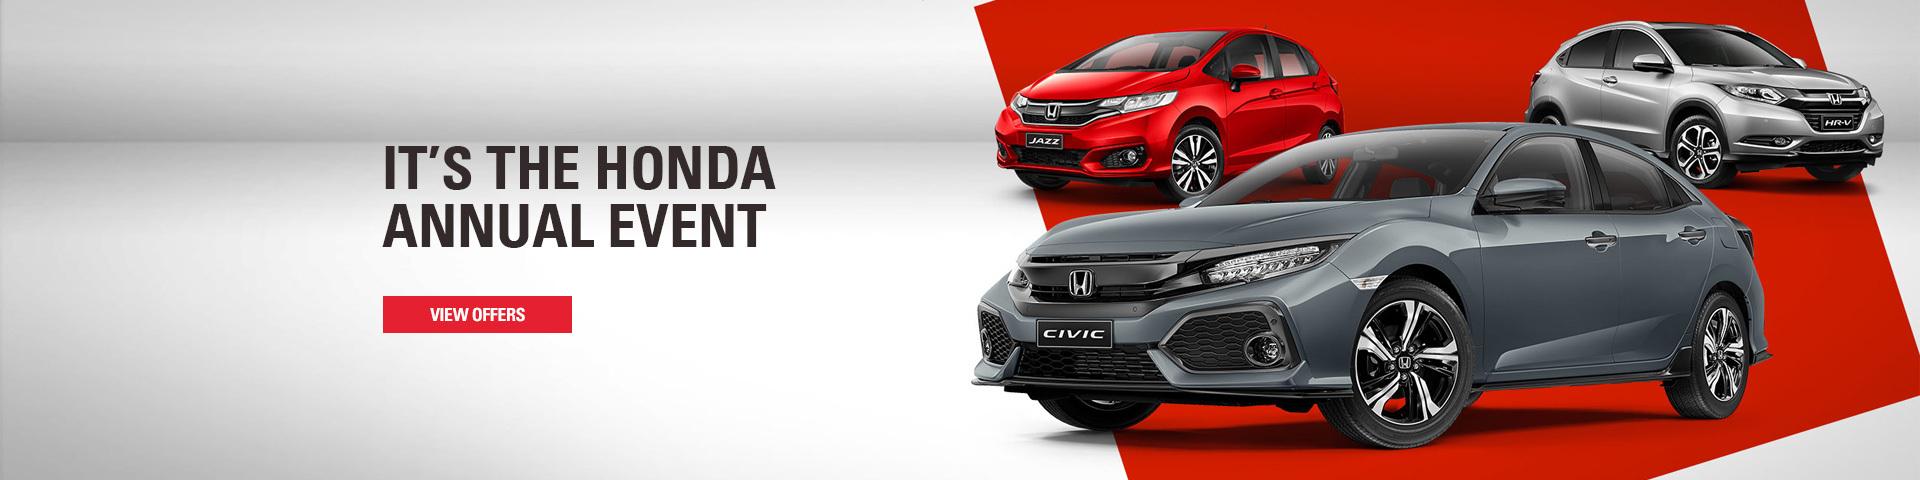 Honda - National Offer - Free 7yr Warranty & 7 Yr Roadside Assist